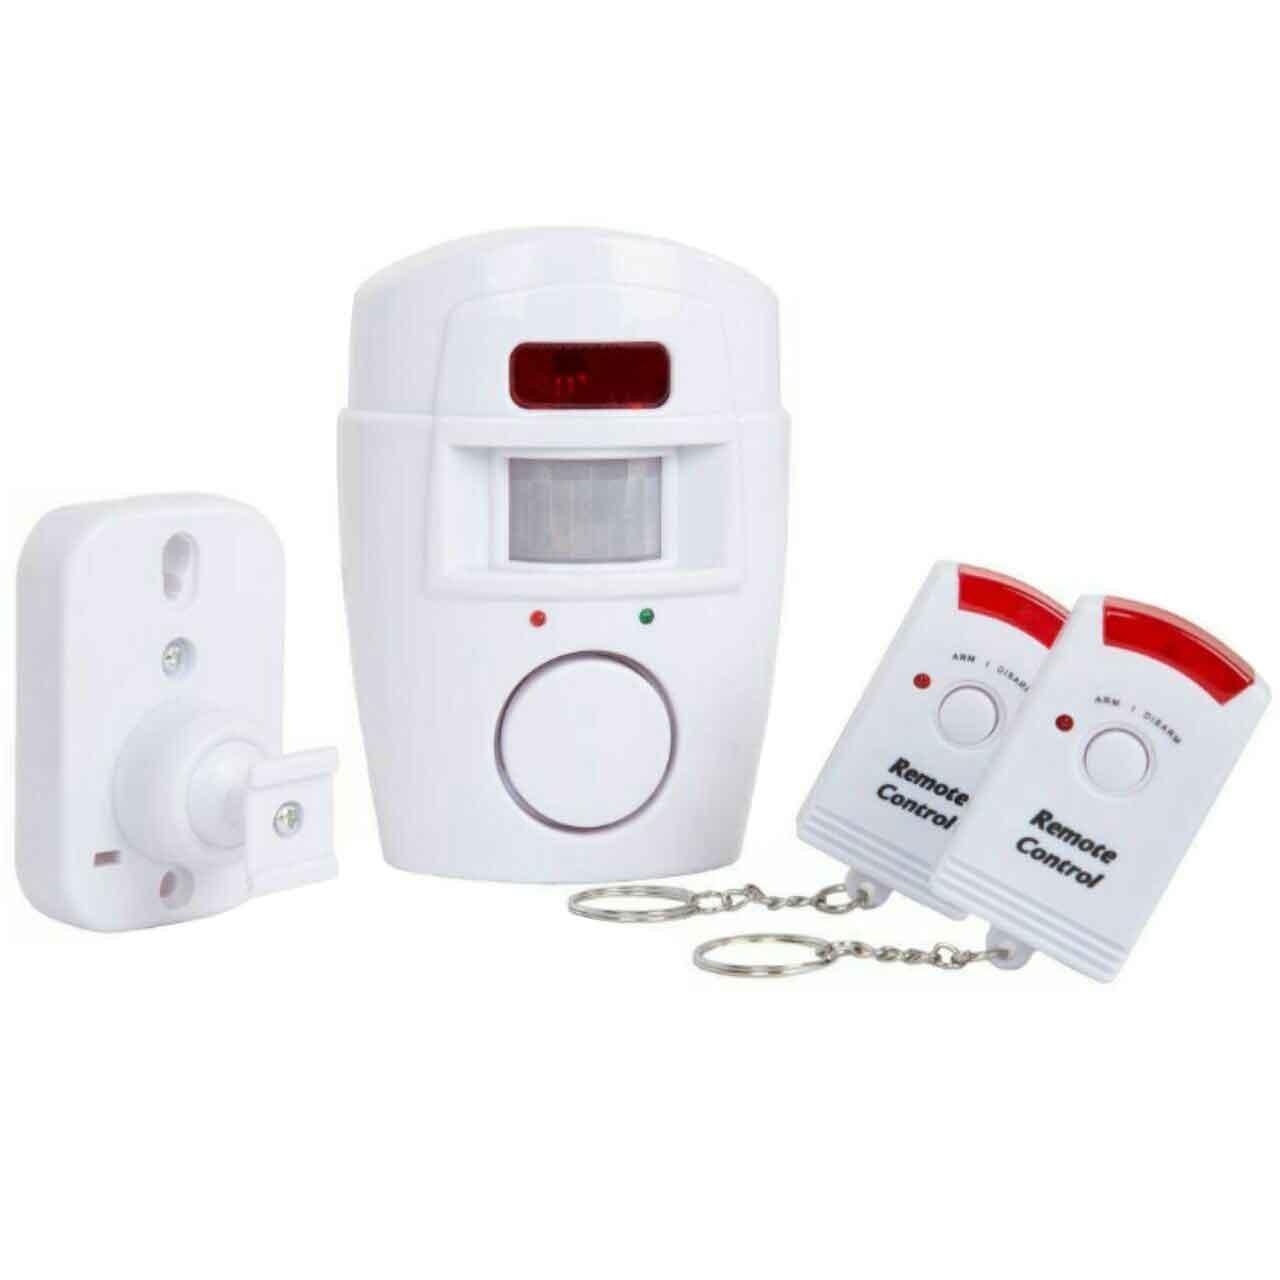 سیستم حفاظتی امنیتی دزدگیر بی سیم چشمی آژیردار مدل 105db